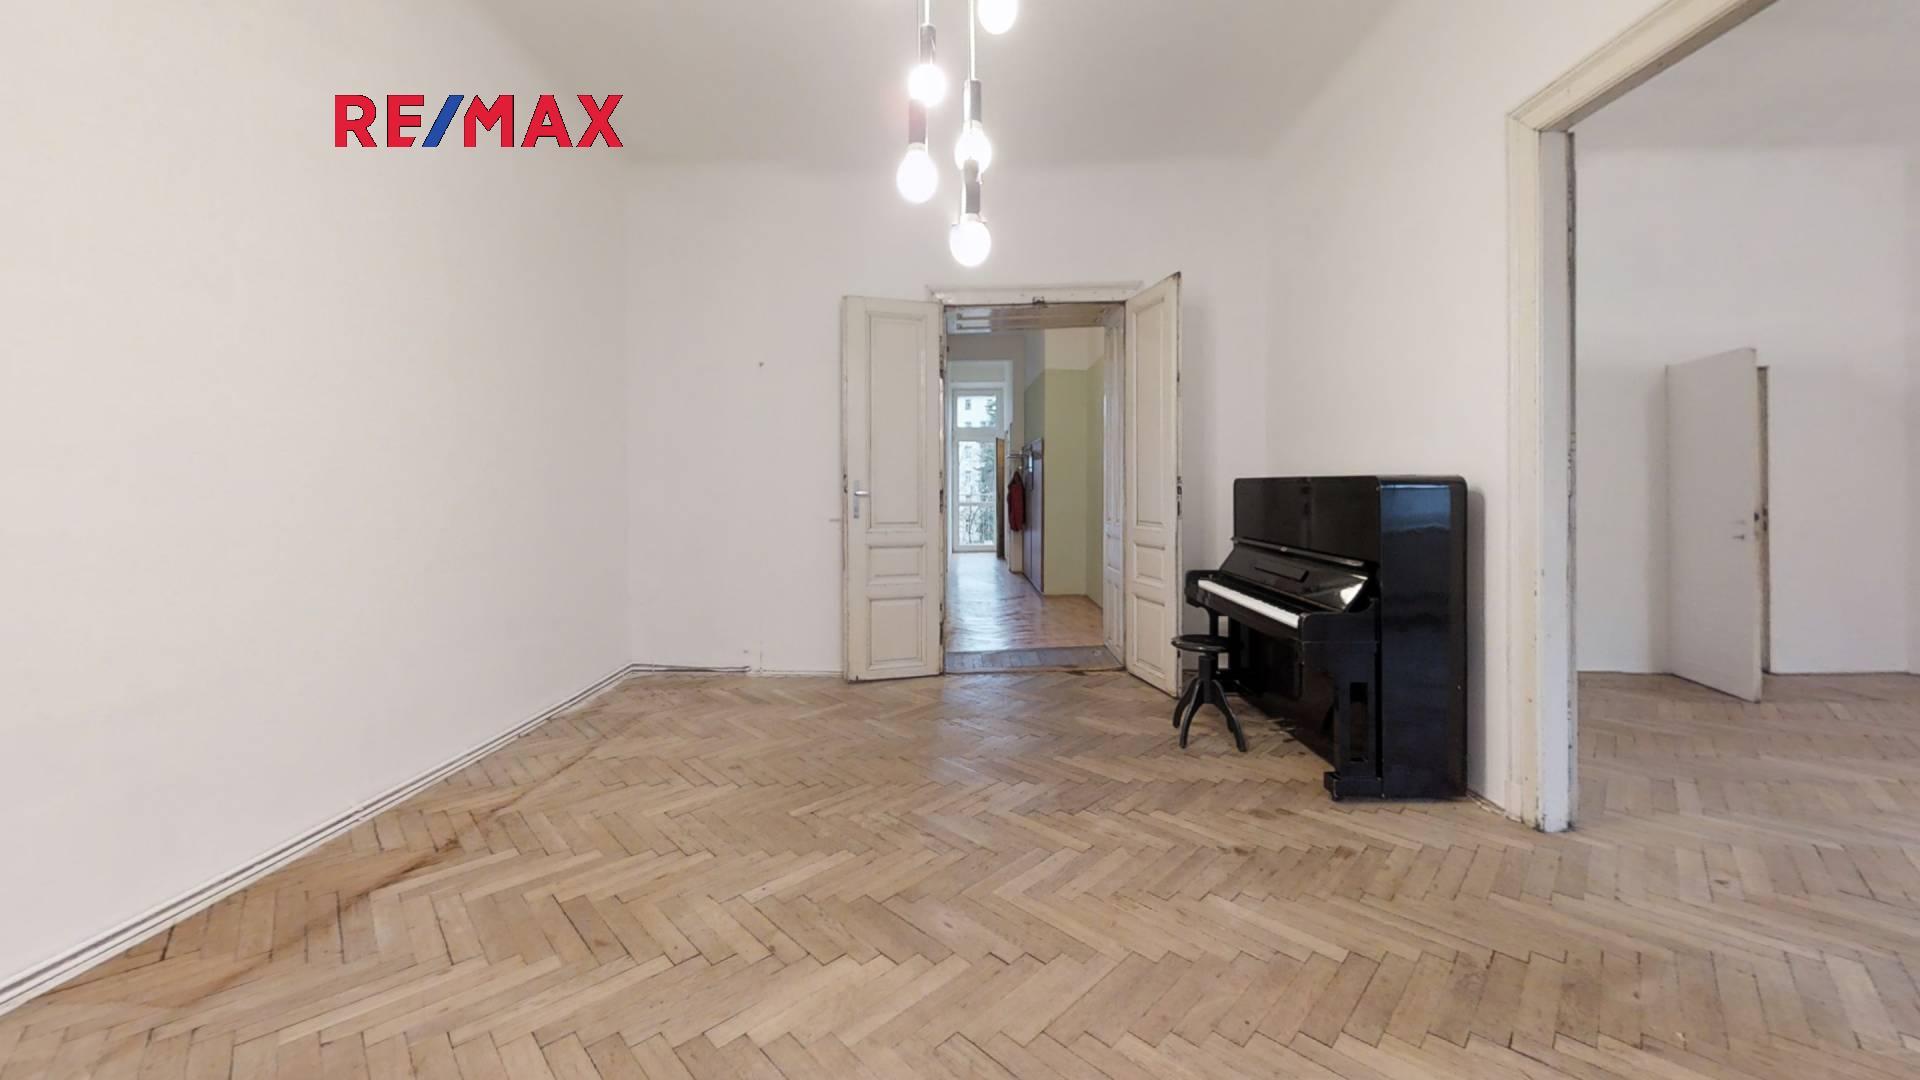 Prodej bytu 3+1 v osobním vlastnictví, 96 m2, Brno